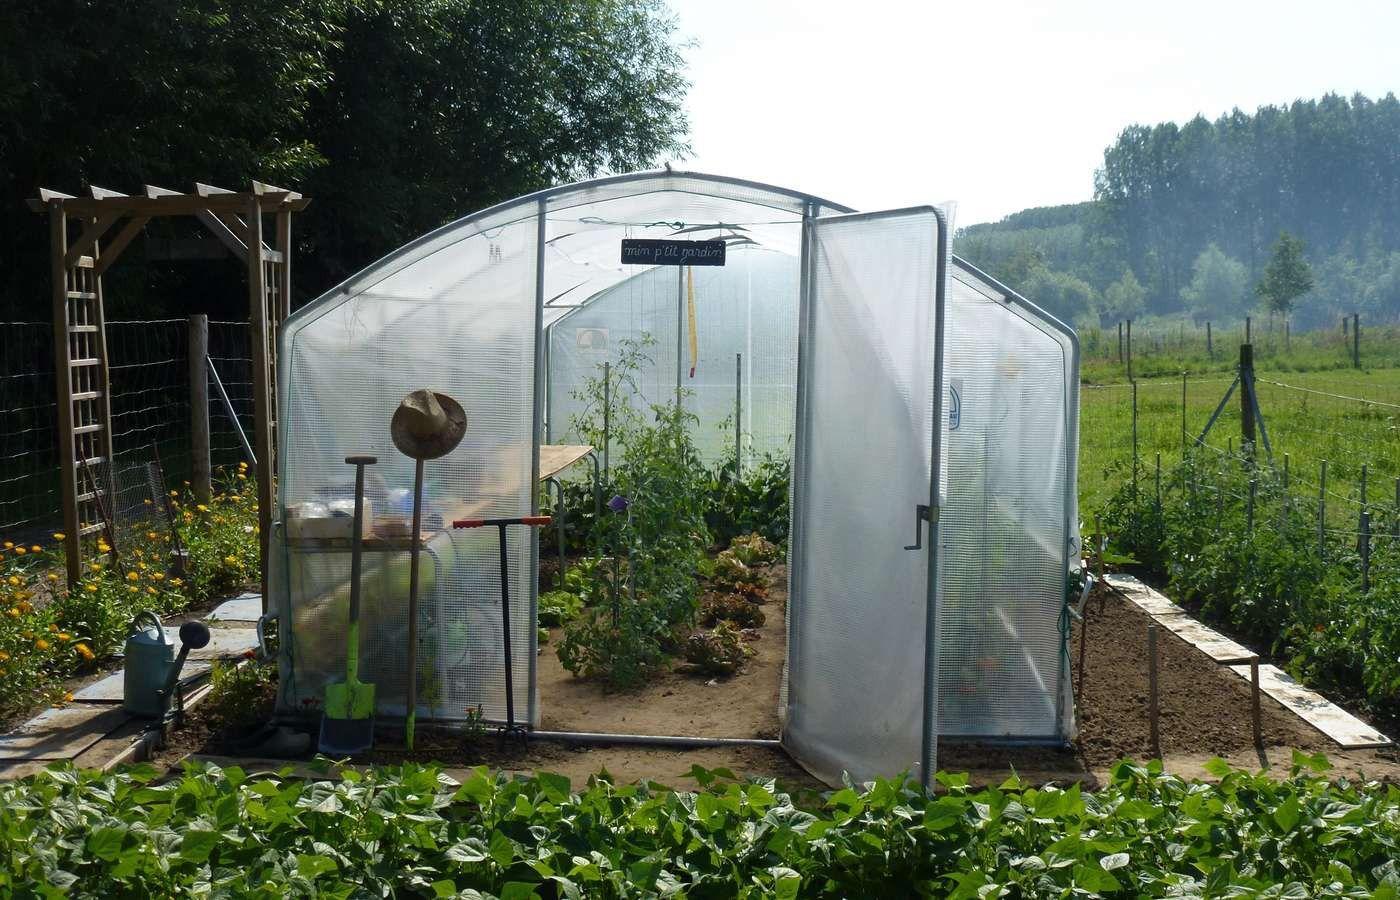 Serre De Jardin 4 Saisons 18M2 + Kit Manivelles - Decouvrez ... intérieur Serre De Jardin Polycarbonate 18M2